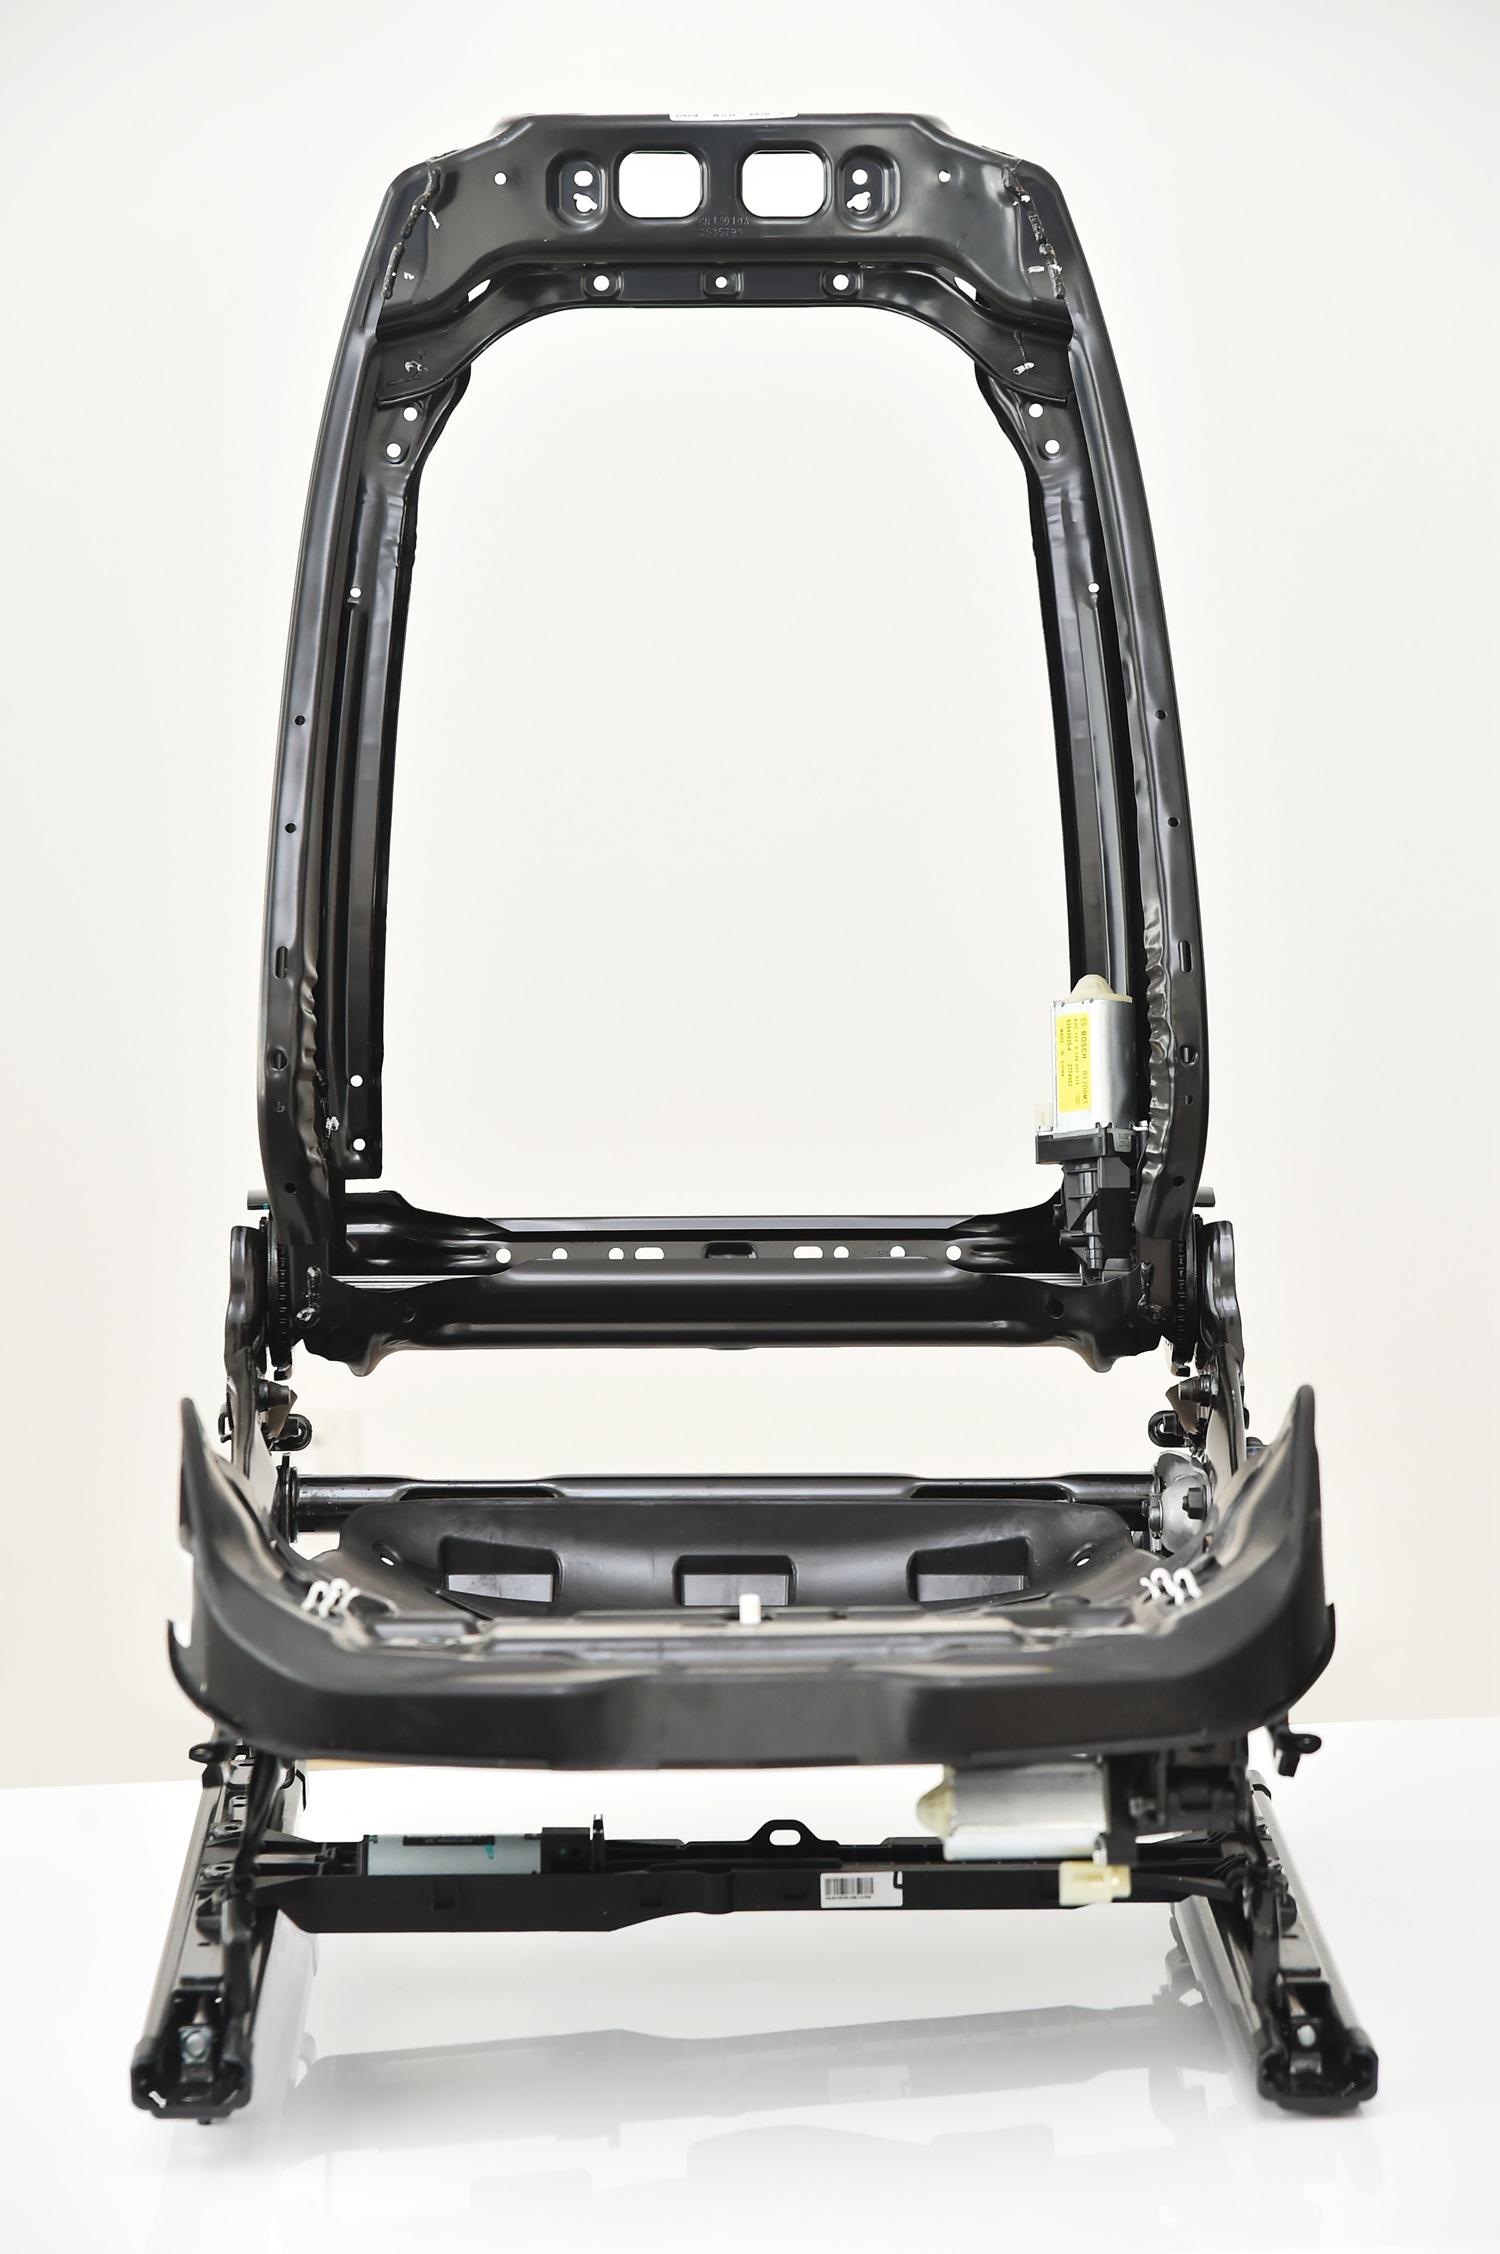 3. 全新座椅骨架使用大量高强度钢及大面积玻璃纤维-1